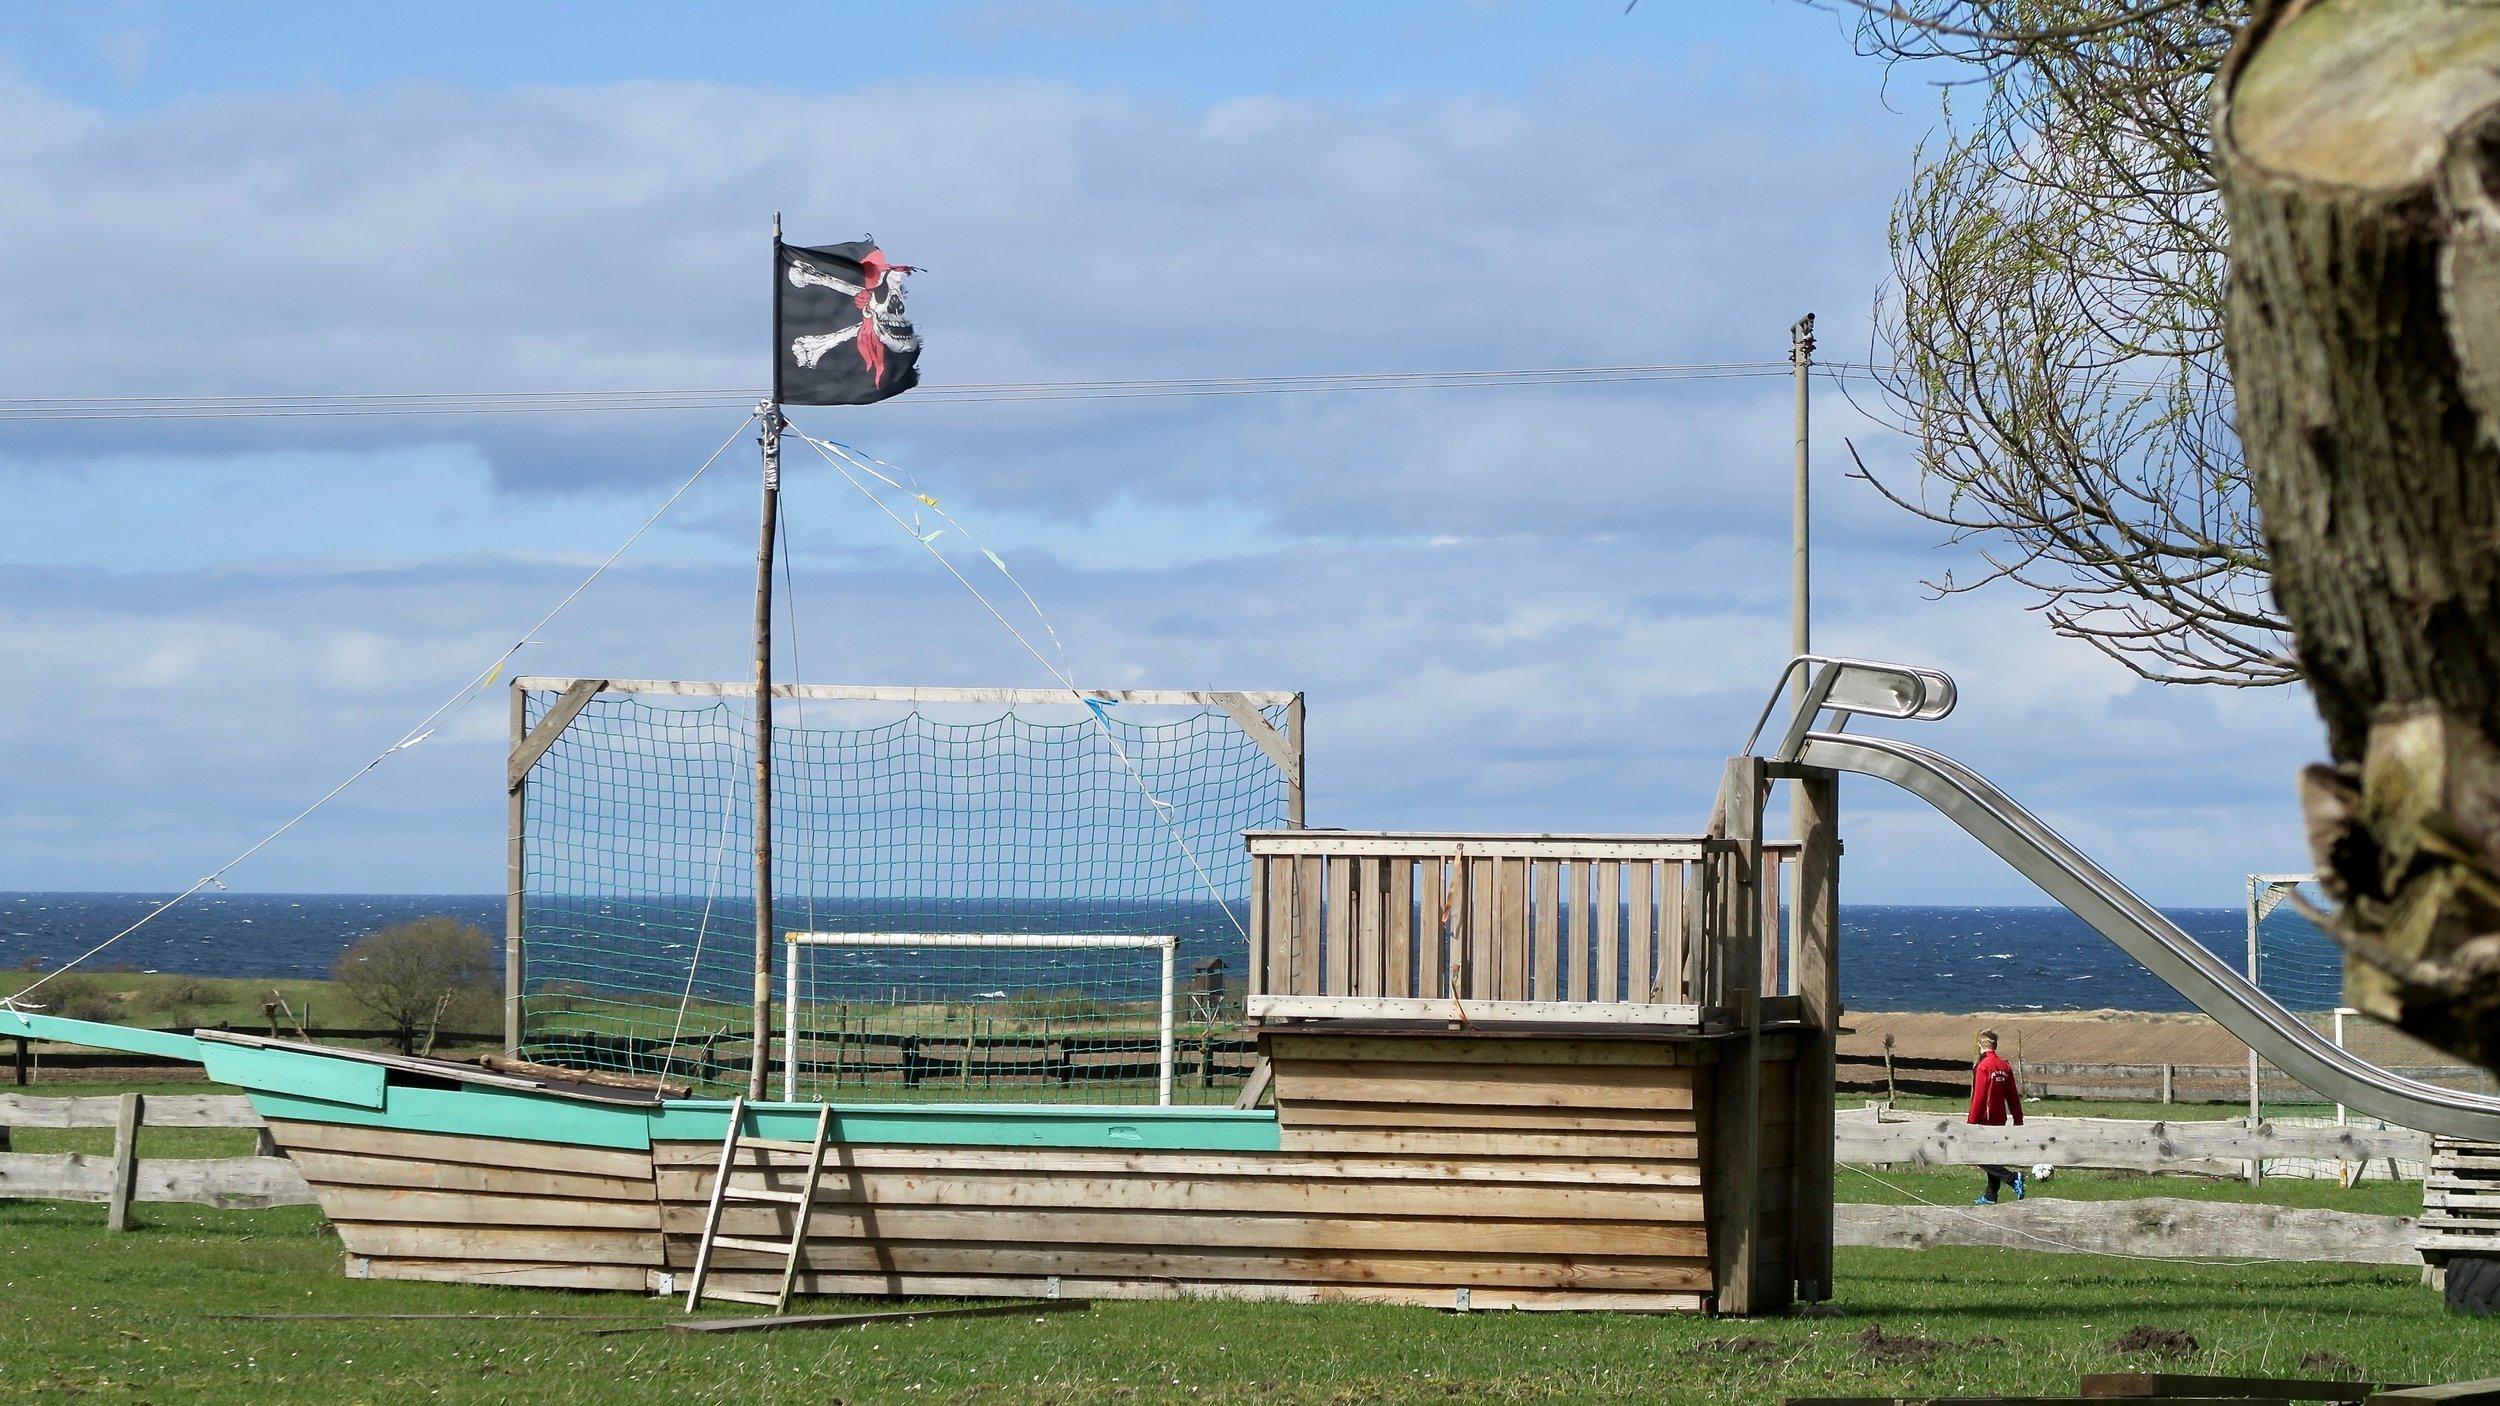 Urlaub Ostsee Pension Schmelzer Galerie 28 Piratenschiff.jpg